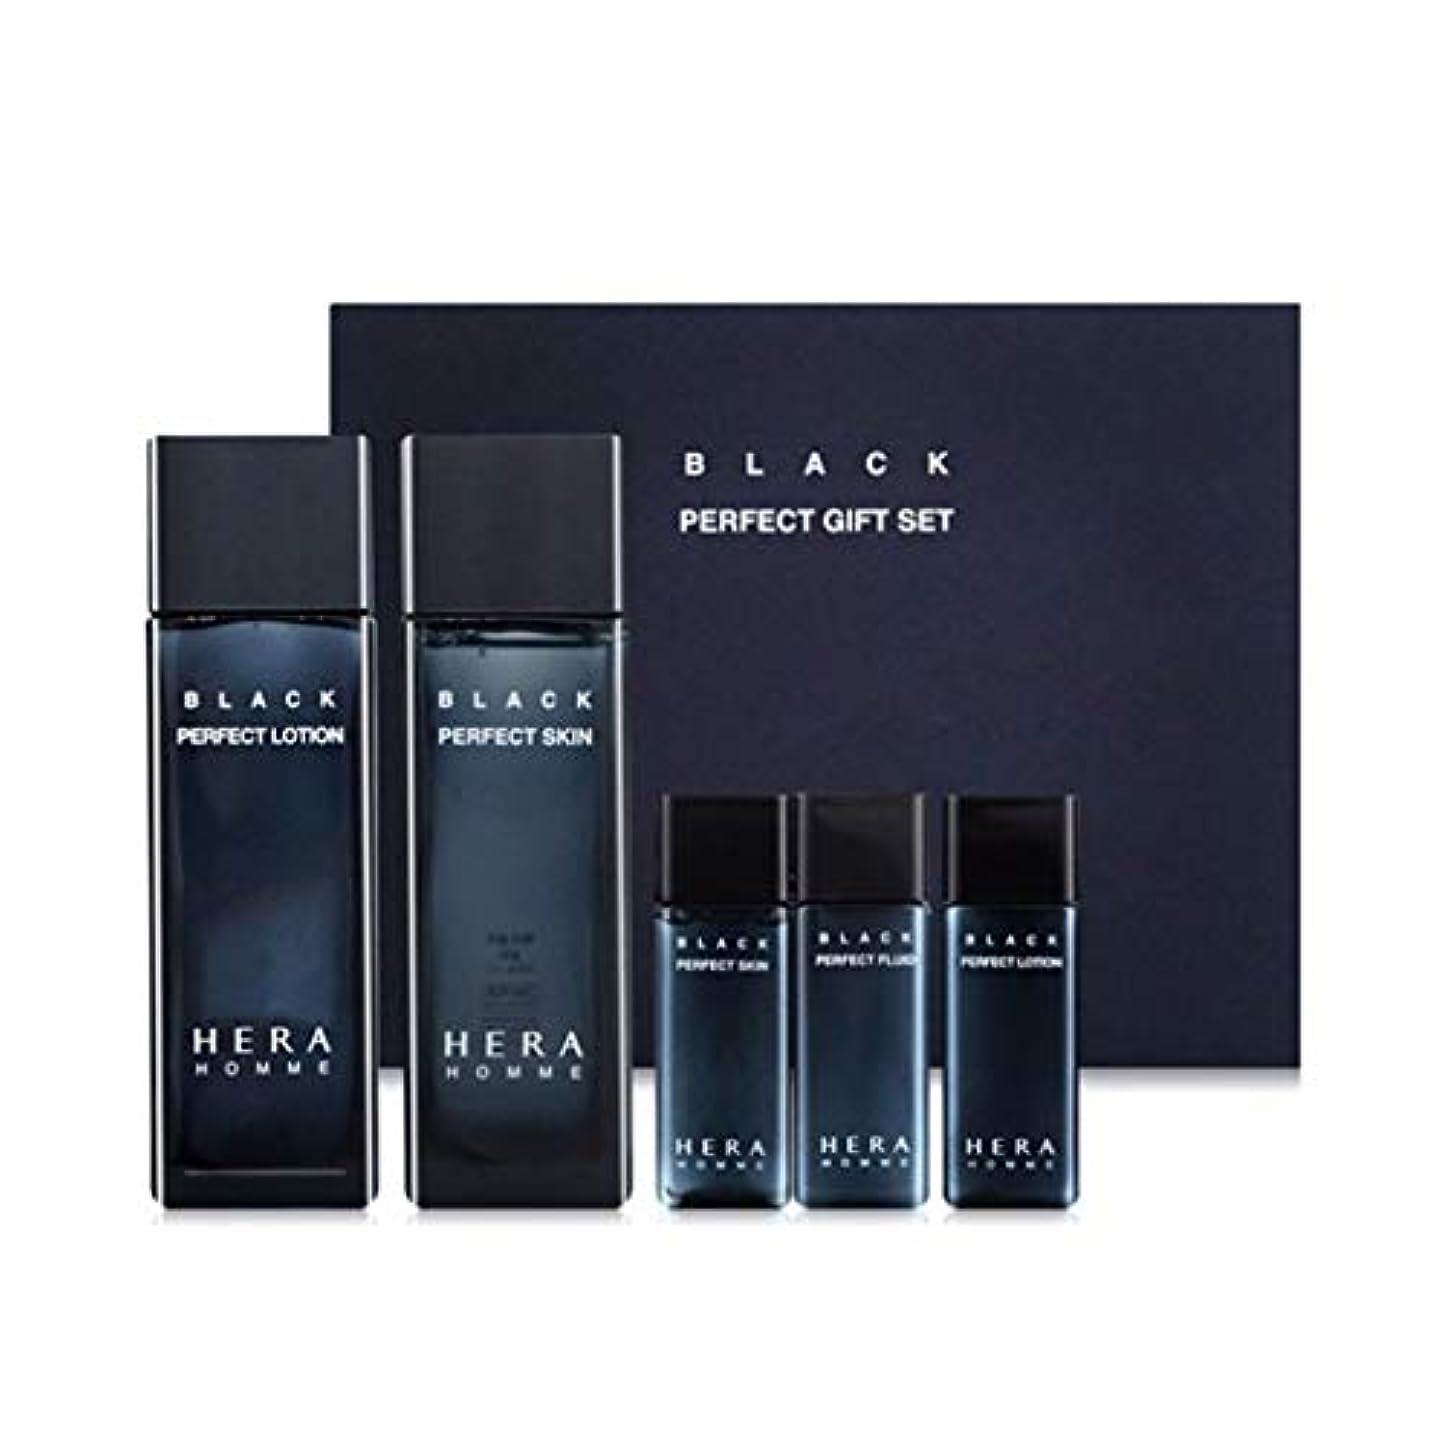 水っぽい地上で他にヘラオムブラックパーフェクトスキンローションセットメンズコスメ韓国コスメ、Hera Homme Black Perfect Skin Lotion Set Men's Cosmetics Korean Cosmetics...